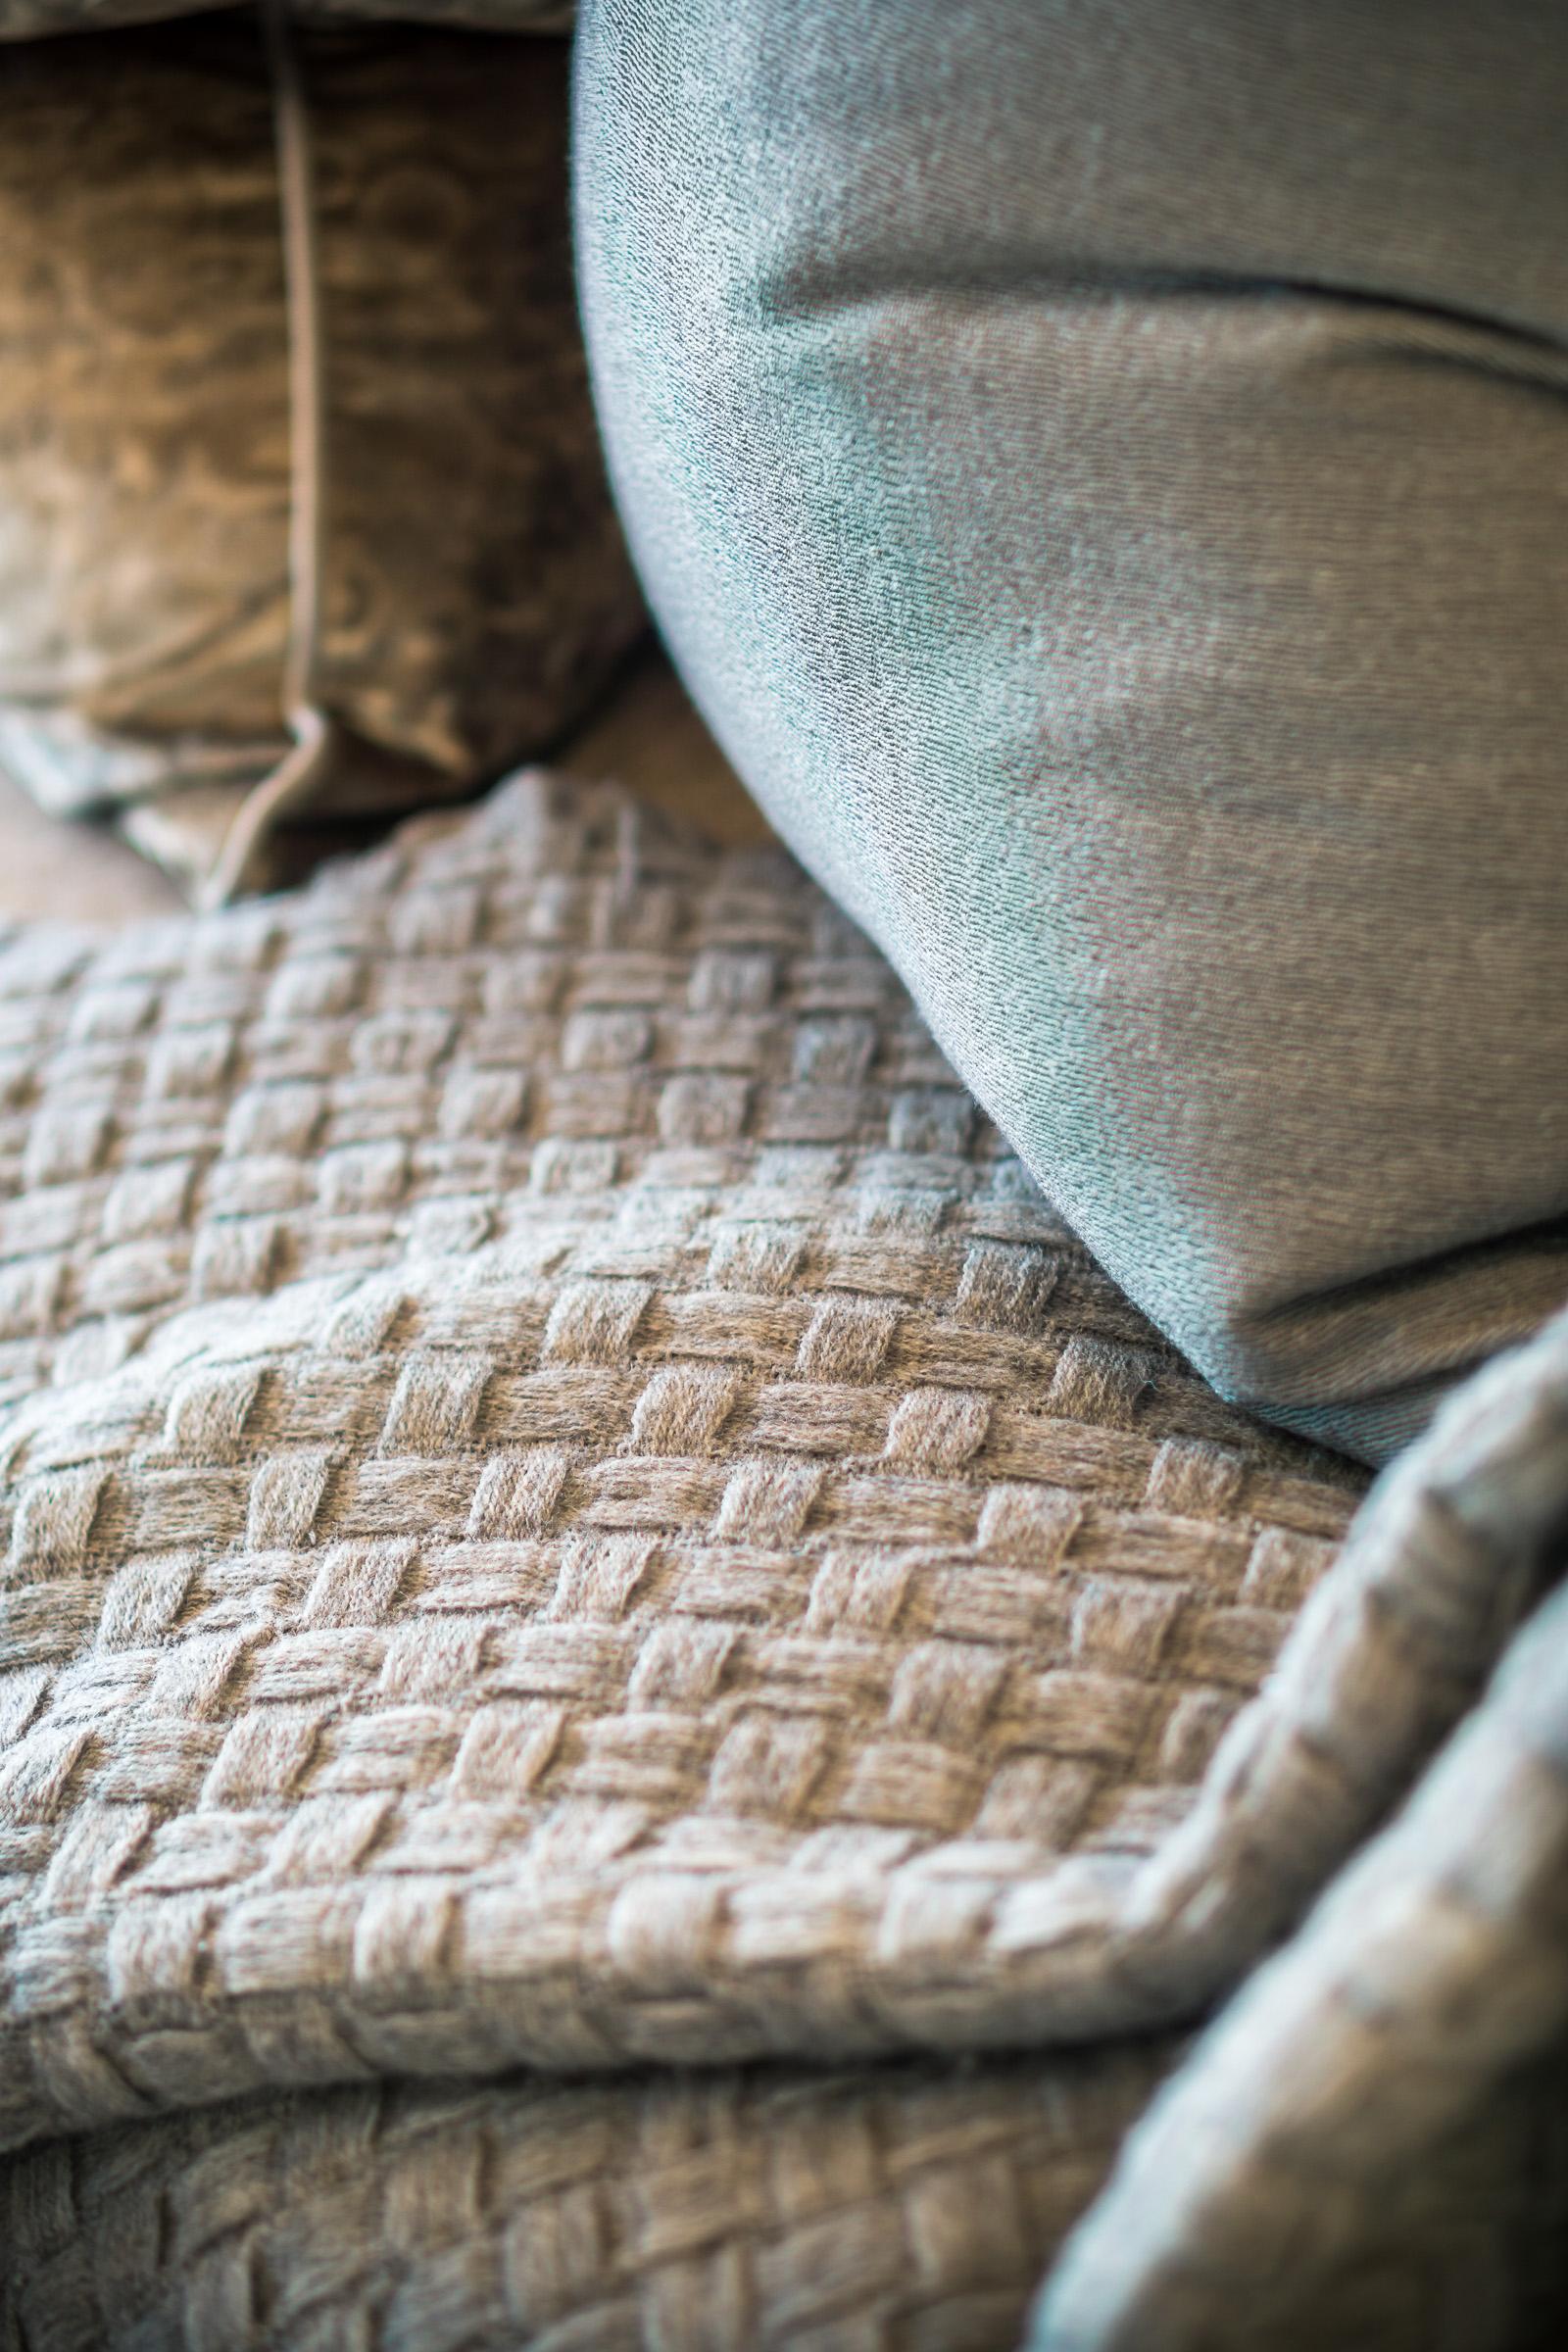 74_Corona-Del-Mar-home_Design-a-Details-Firm_Joseph-Barber-Studios03213.jpg